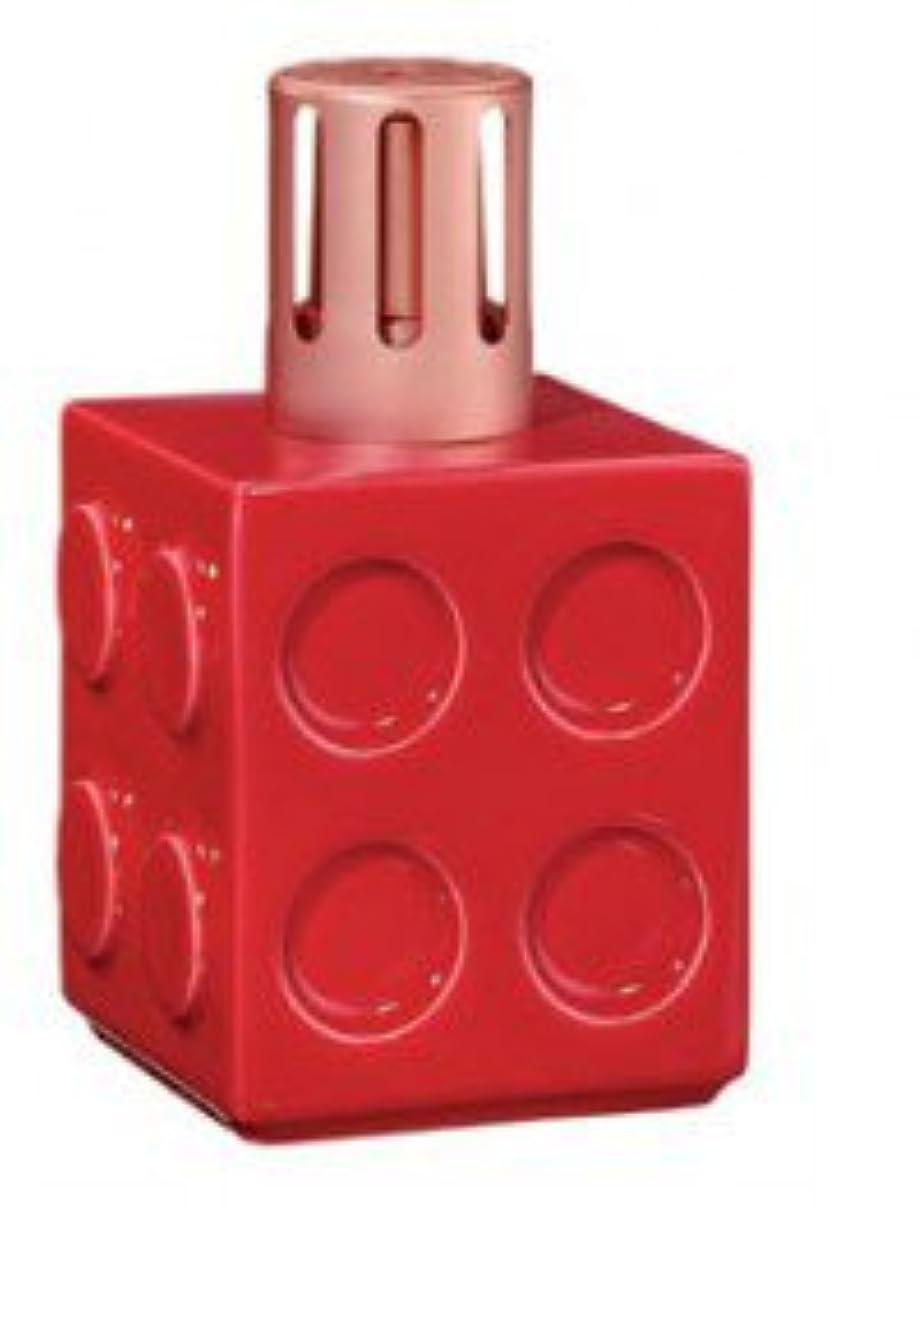 ランプベルジェ?ランプ Play Berger Red